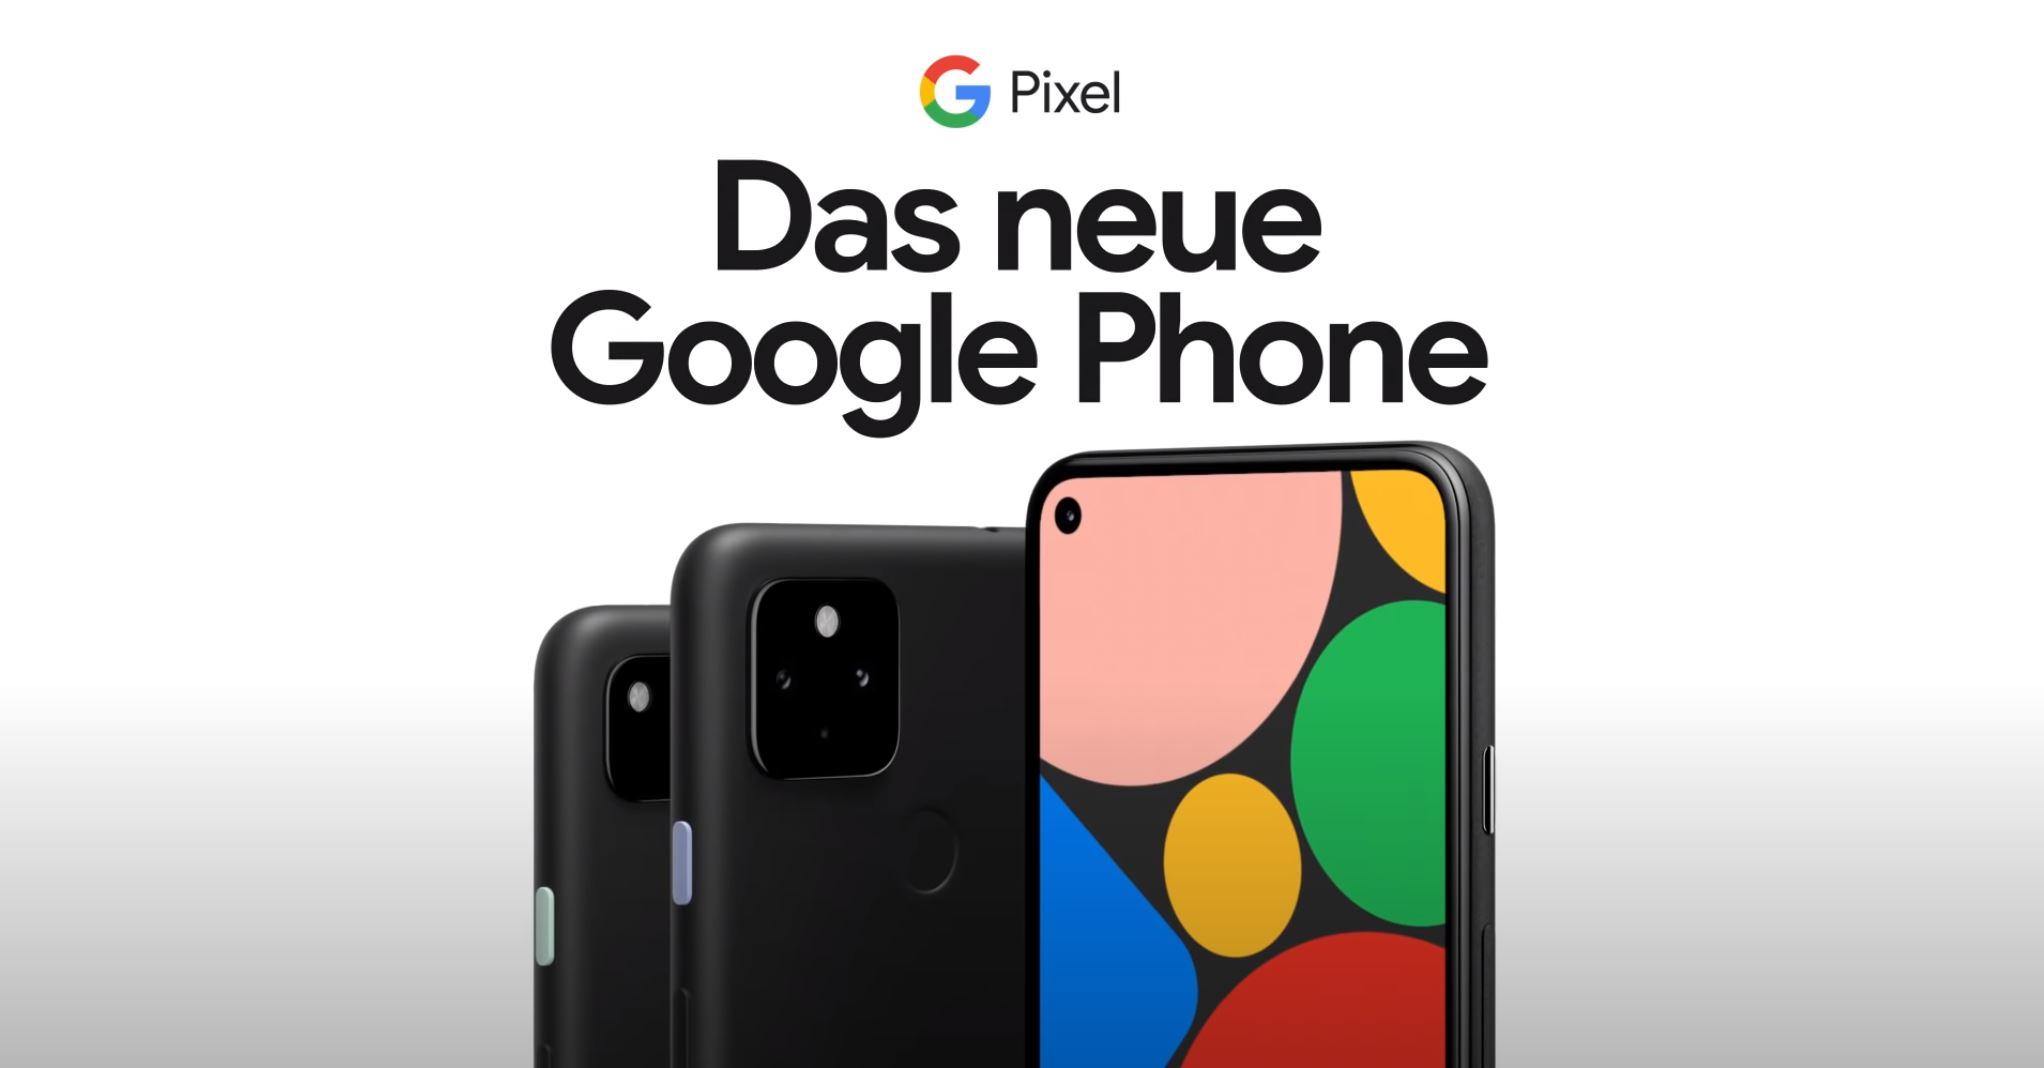 Das neue Google Phone: Mit bislang ungewöhnlicher Strategie zum Erfolg?